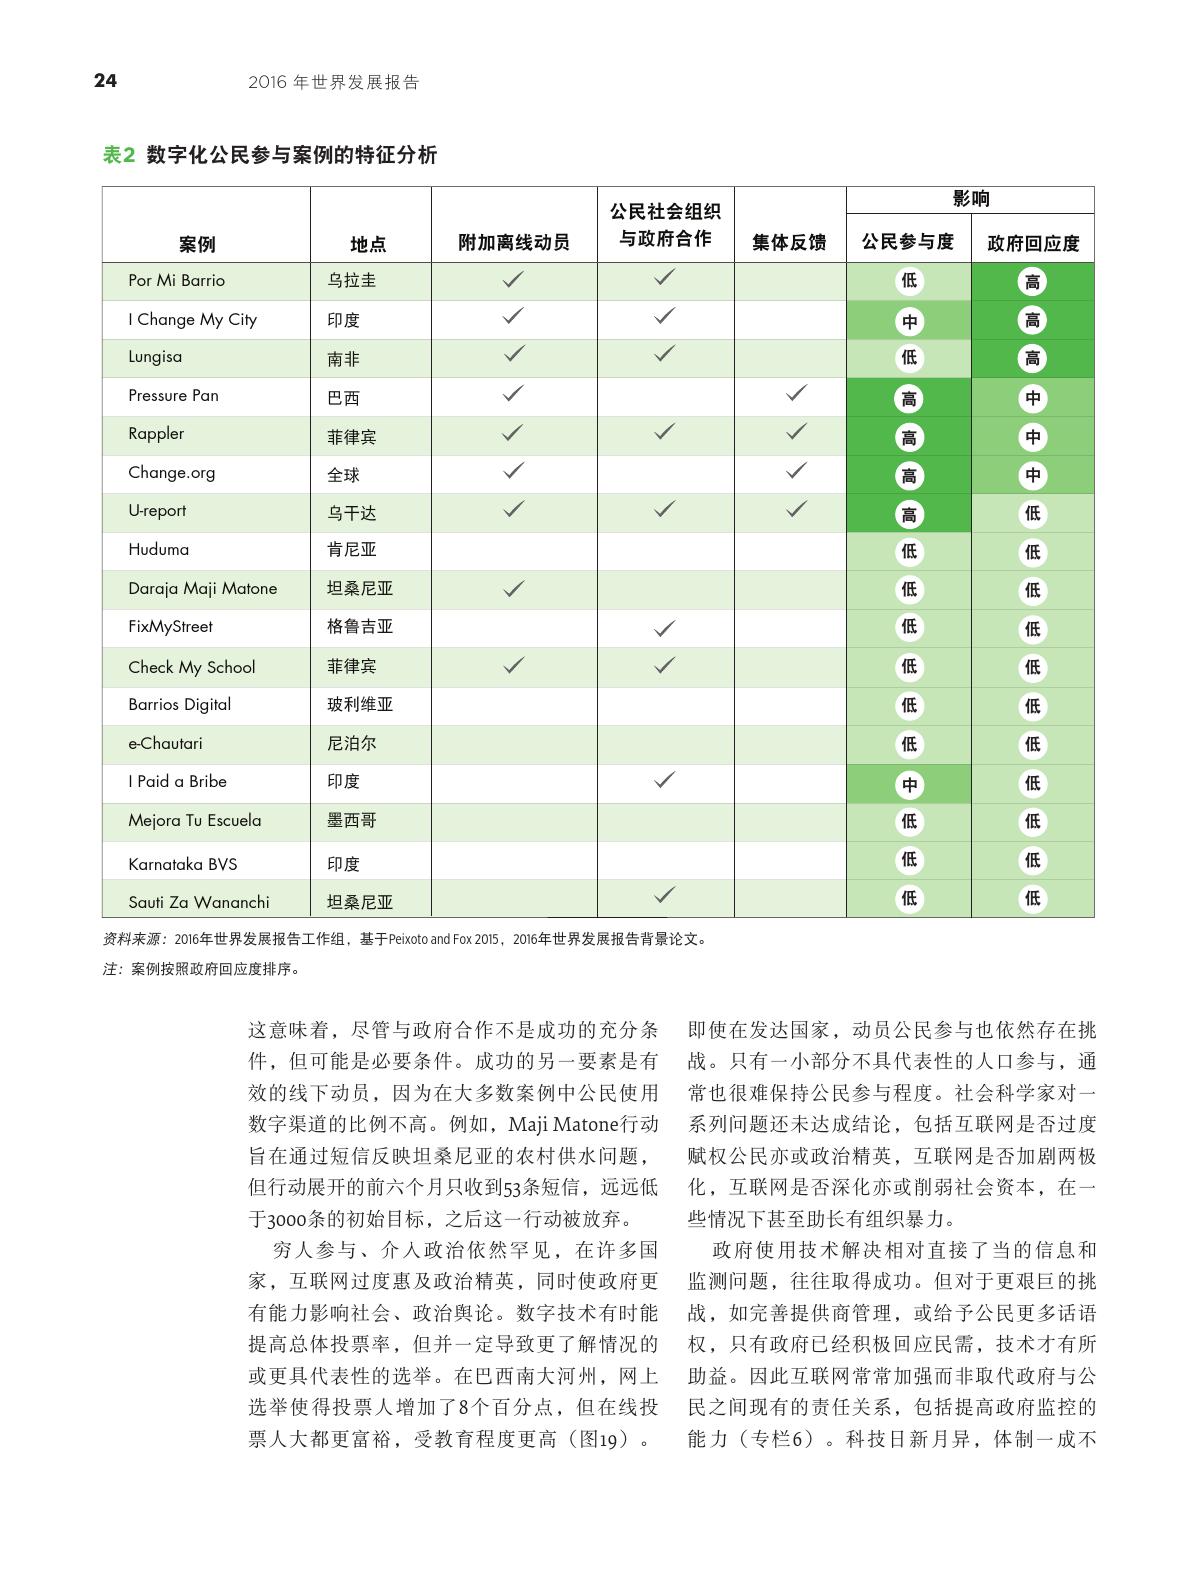 2016年世界发展报告-数字红利_000036